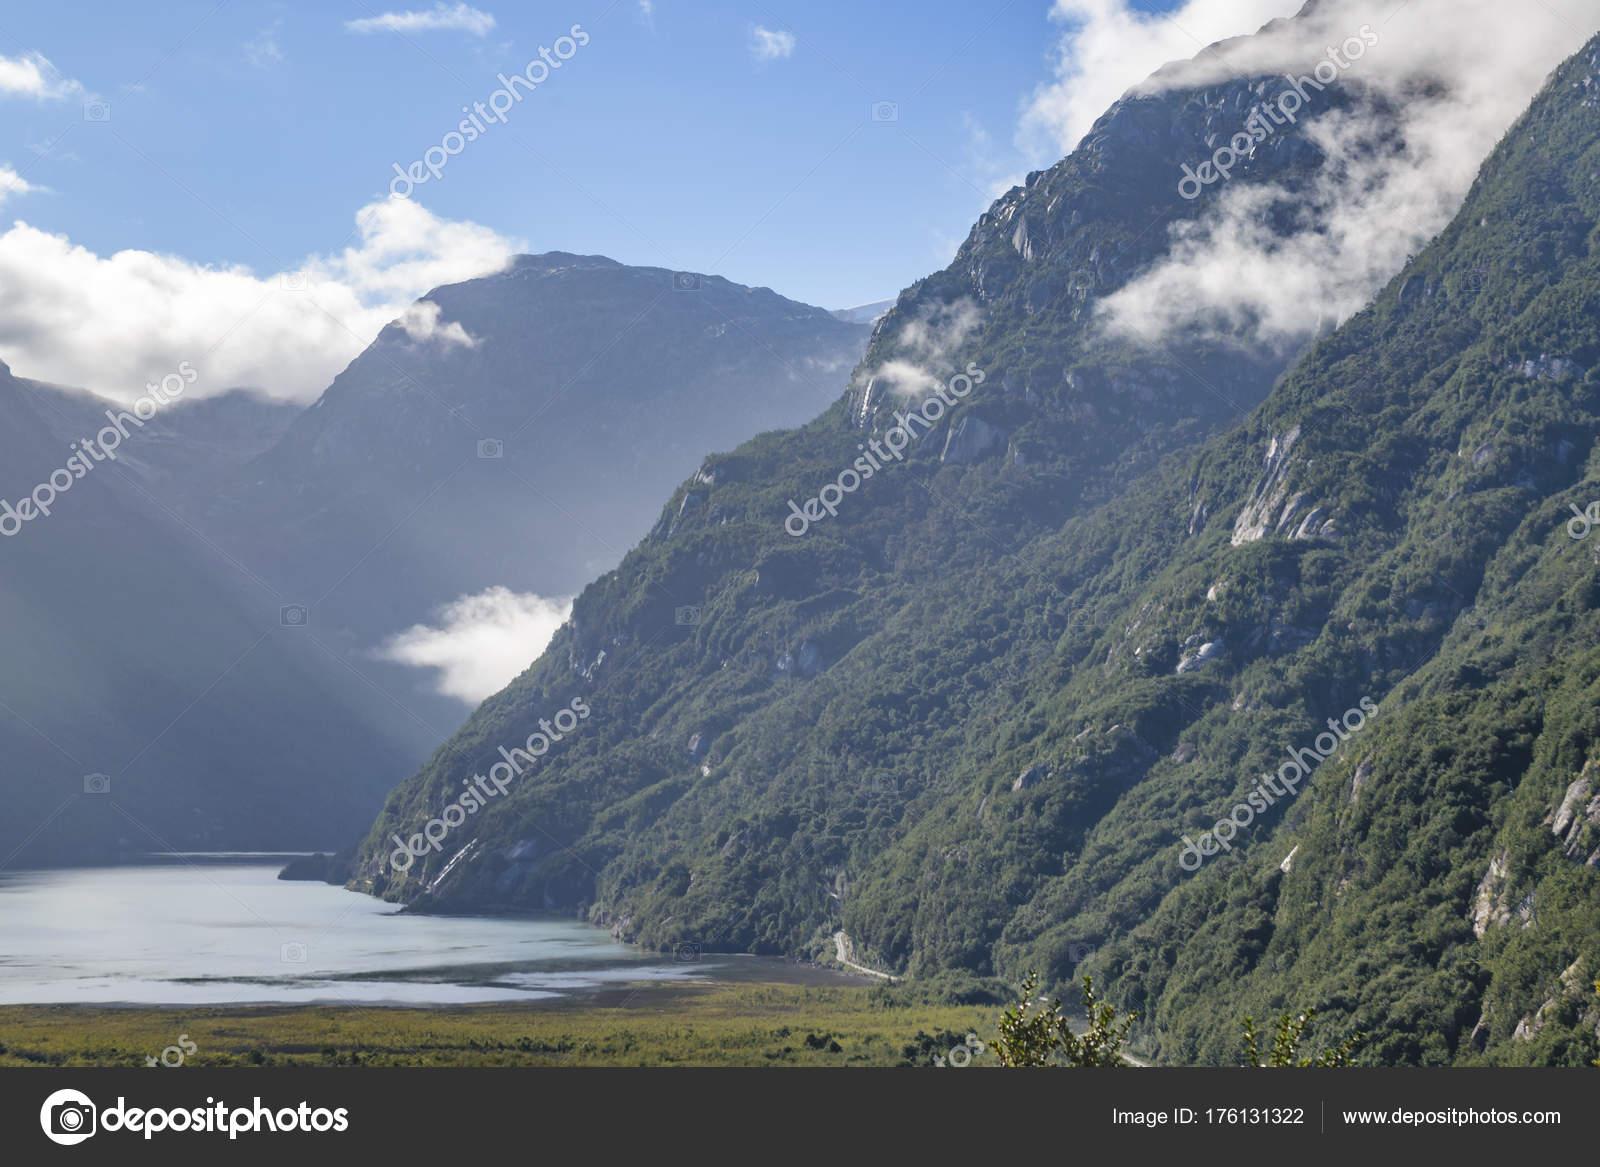 Exploradores De La Patagonia: Exploradores Glacier, Patagonia, Chile